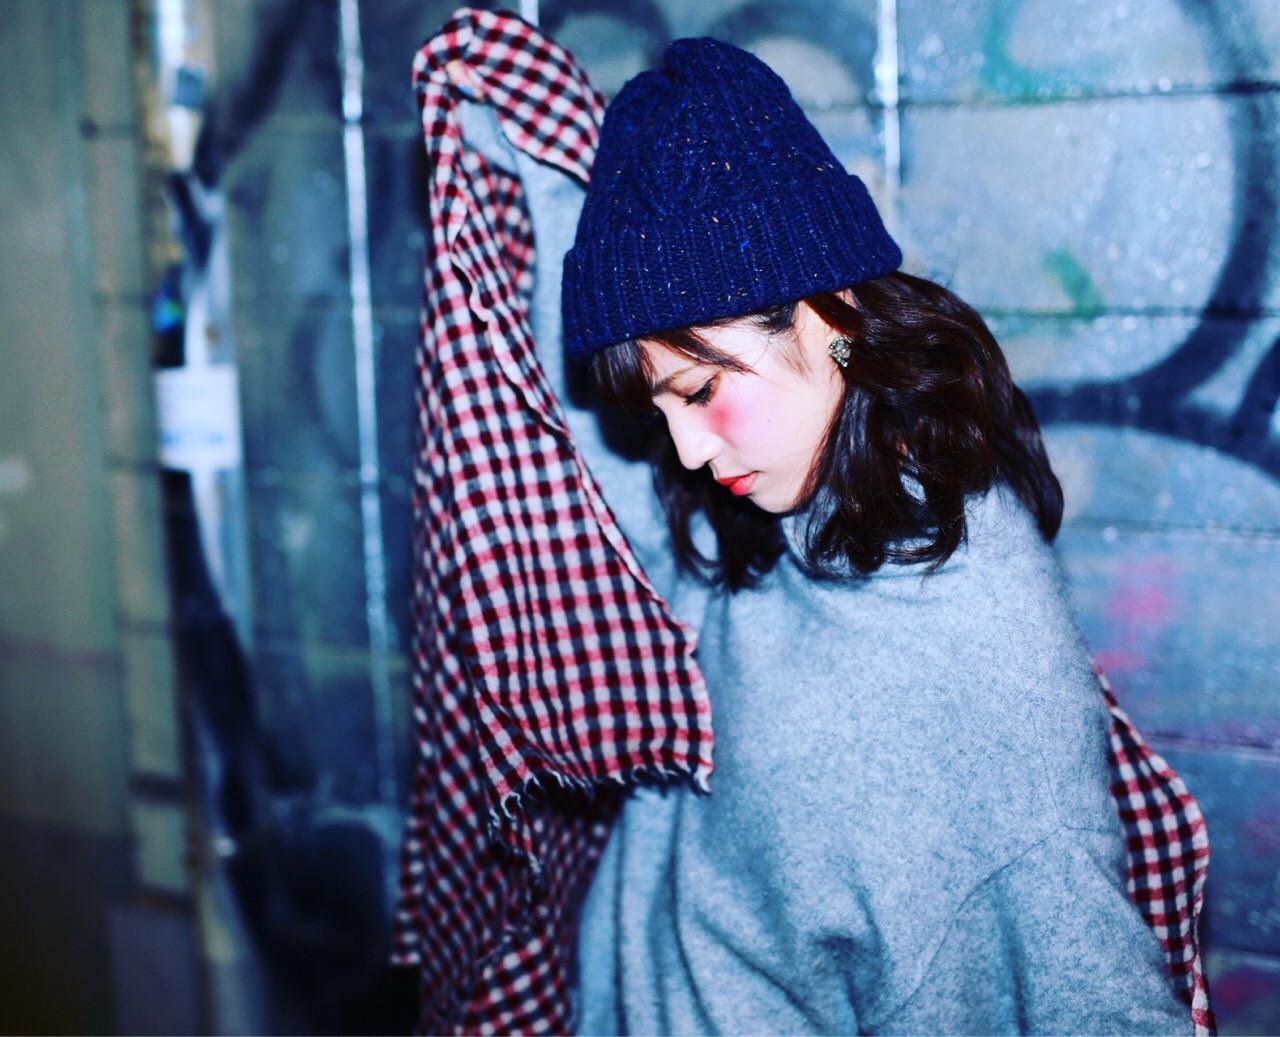 【ニット帽の髪型特集】おしゃれでかわいいヘアアレンジをマスター♡の5枚目の画像